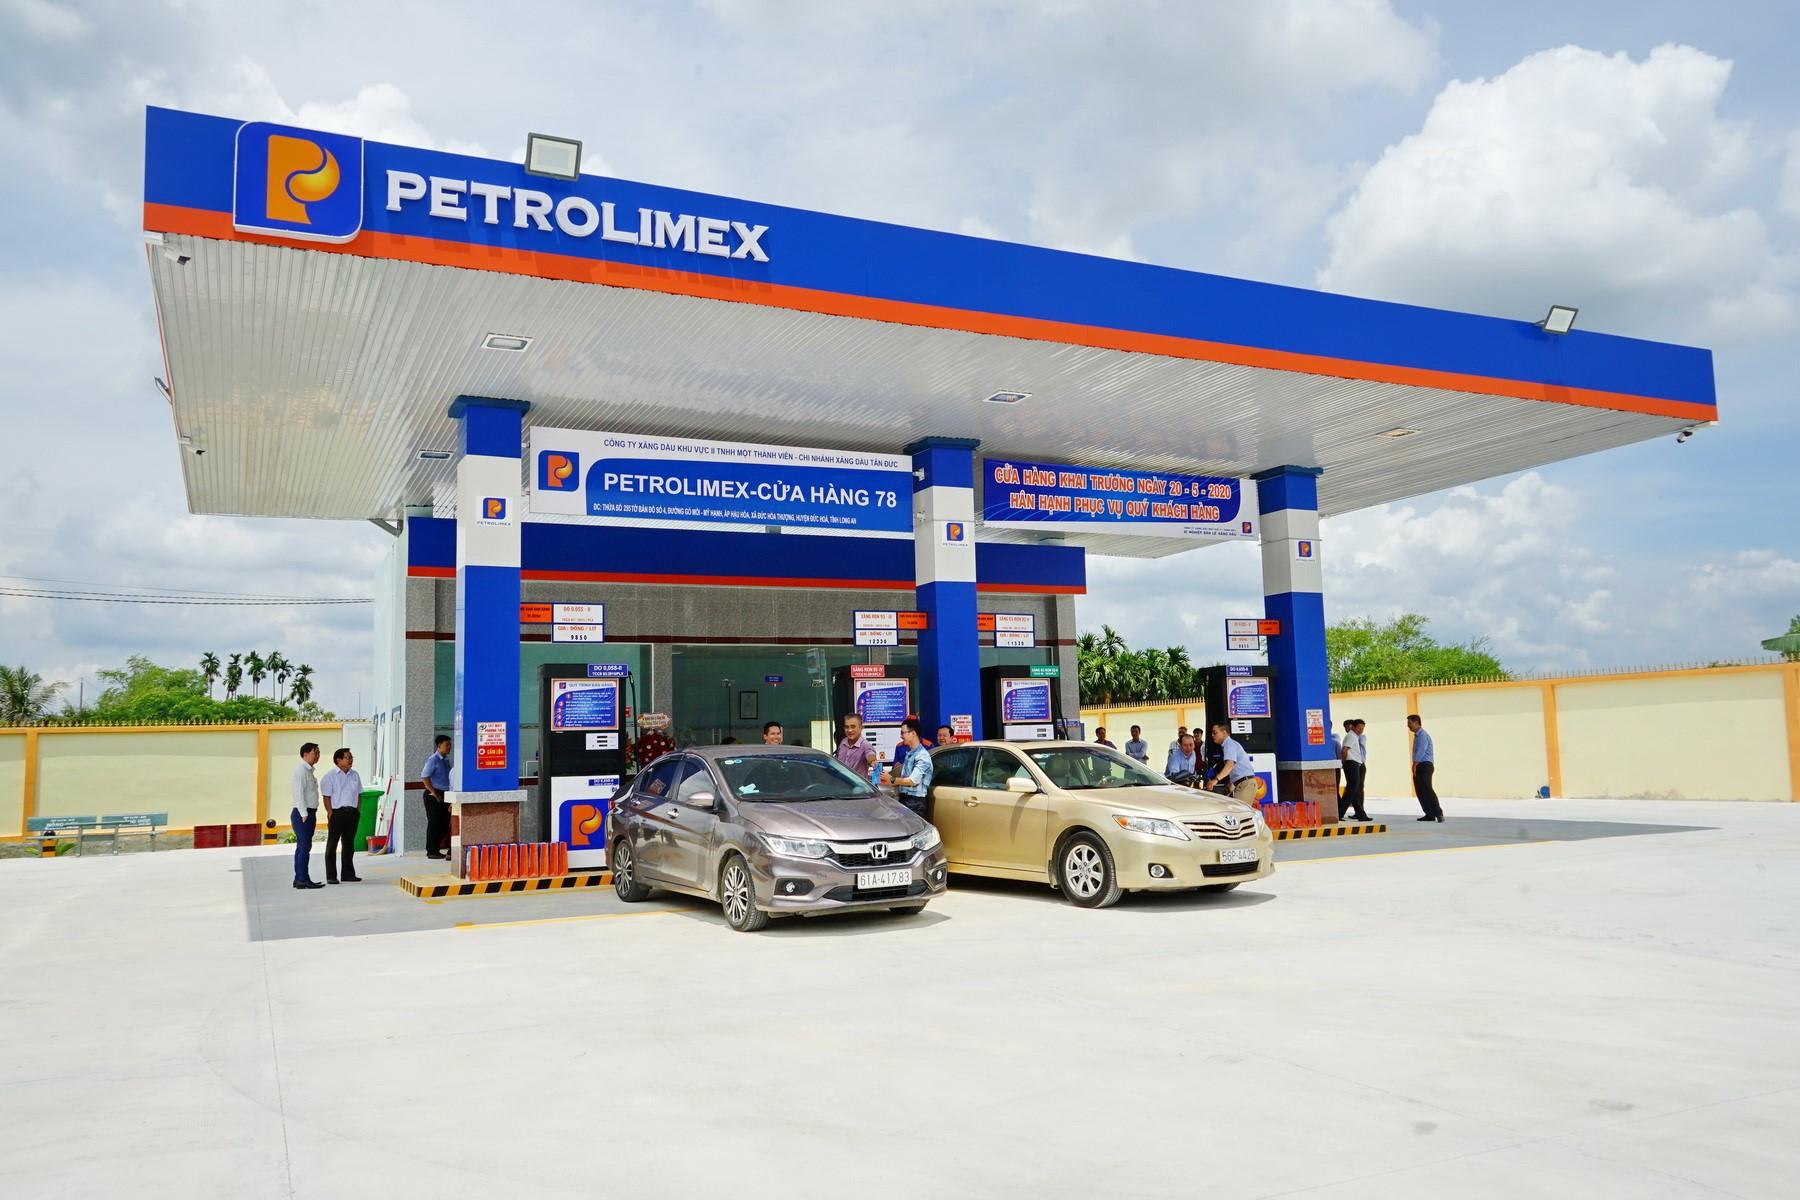 Cửa hàng xăng dầu Petrolimex Sài Gòn - sức mạnh cạnh tranh trên thị trường  bán lẻ - Công ty Xăng dầu Khu vực II - Petrolimex Saigon